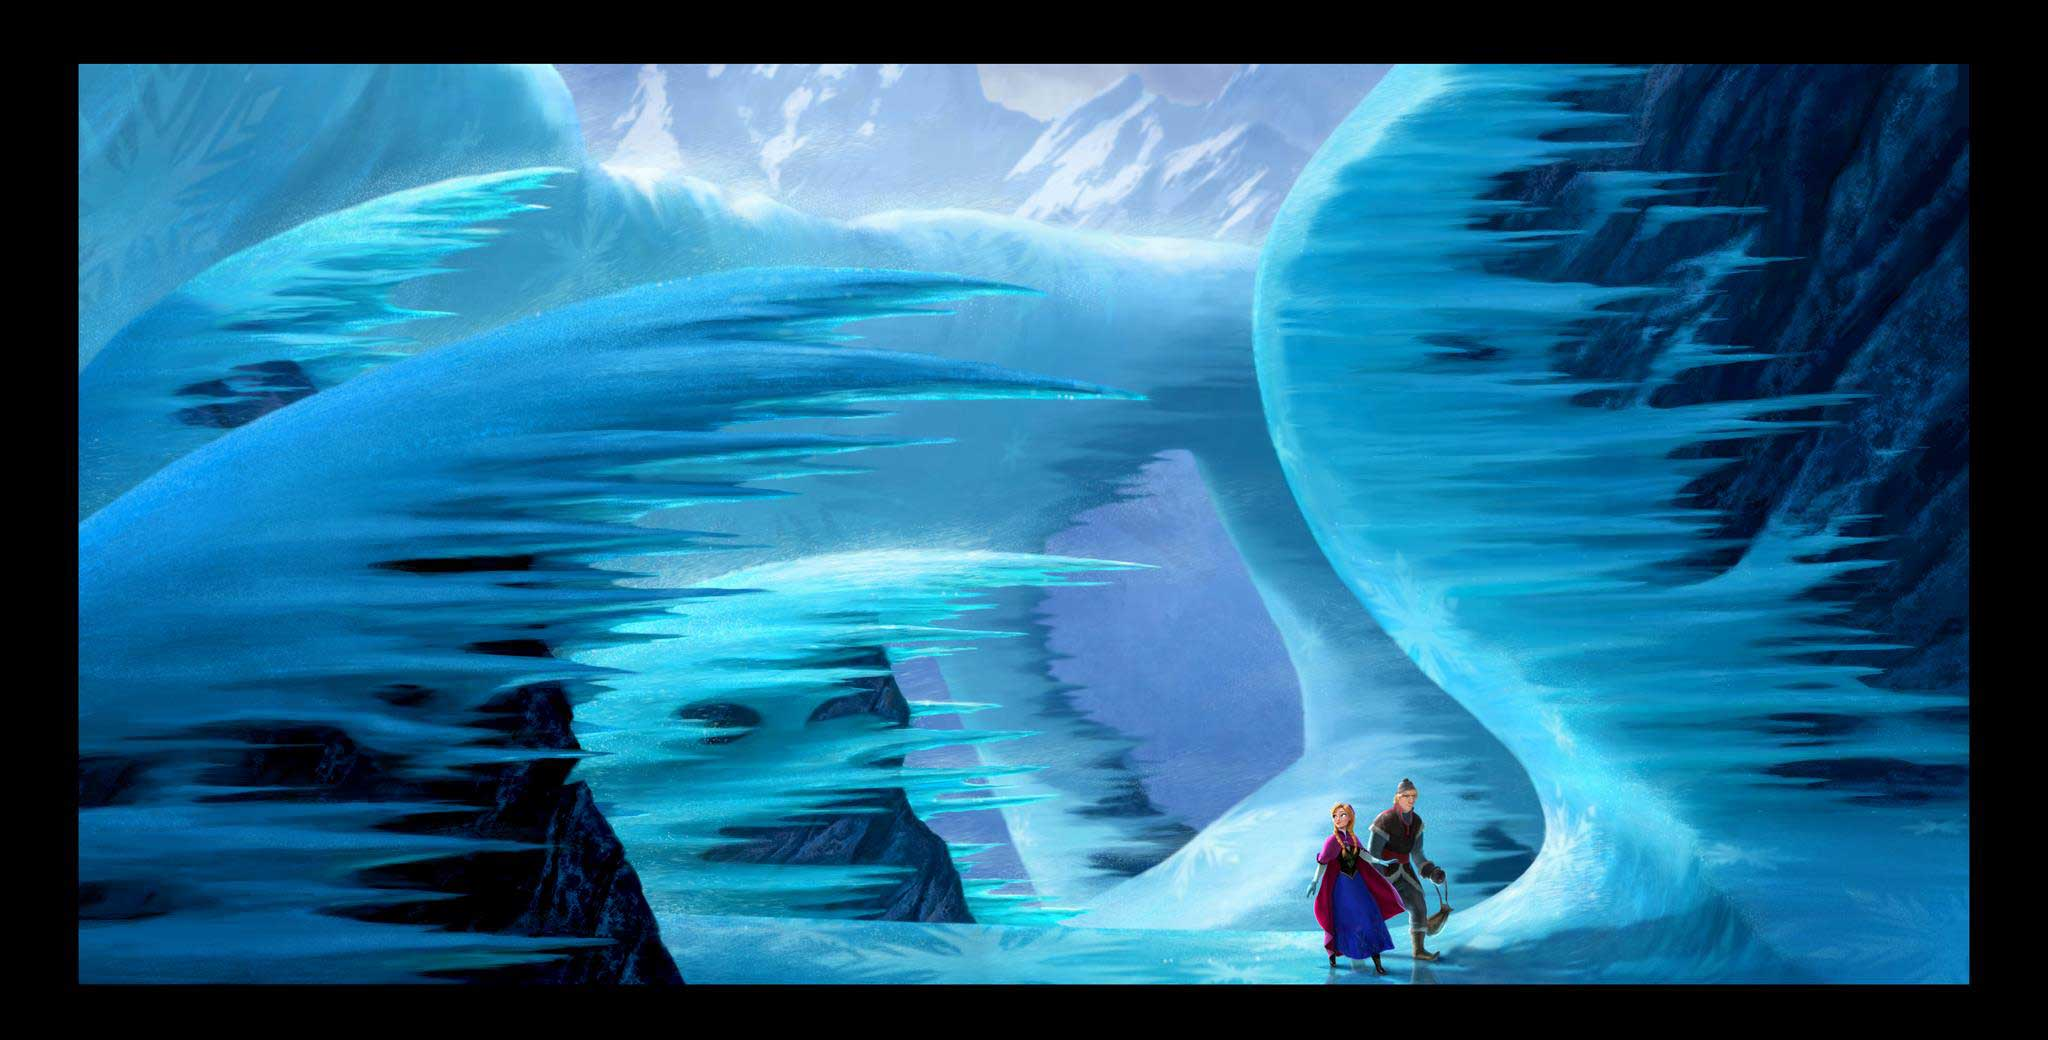 Wallpapers Desktop Backgrounds HD Frozen Movie Wallpapers 2048x1040